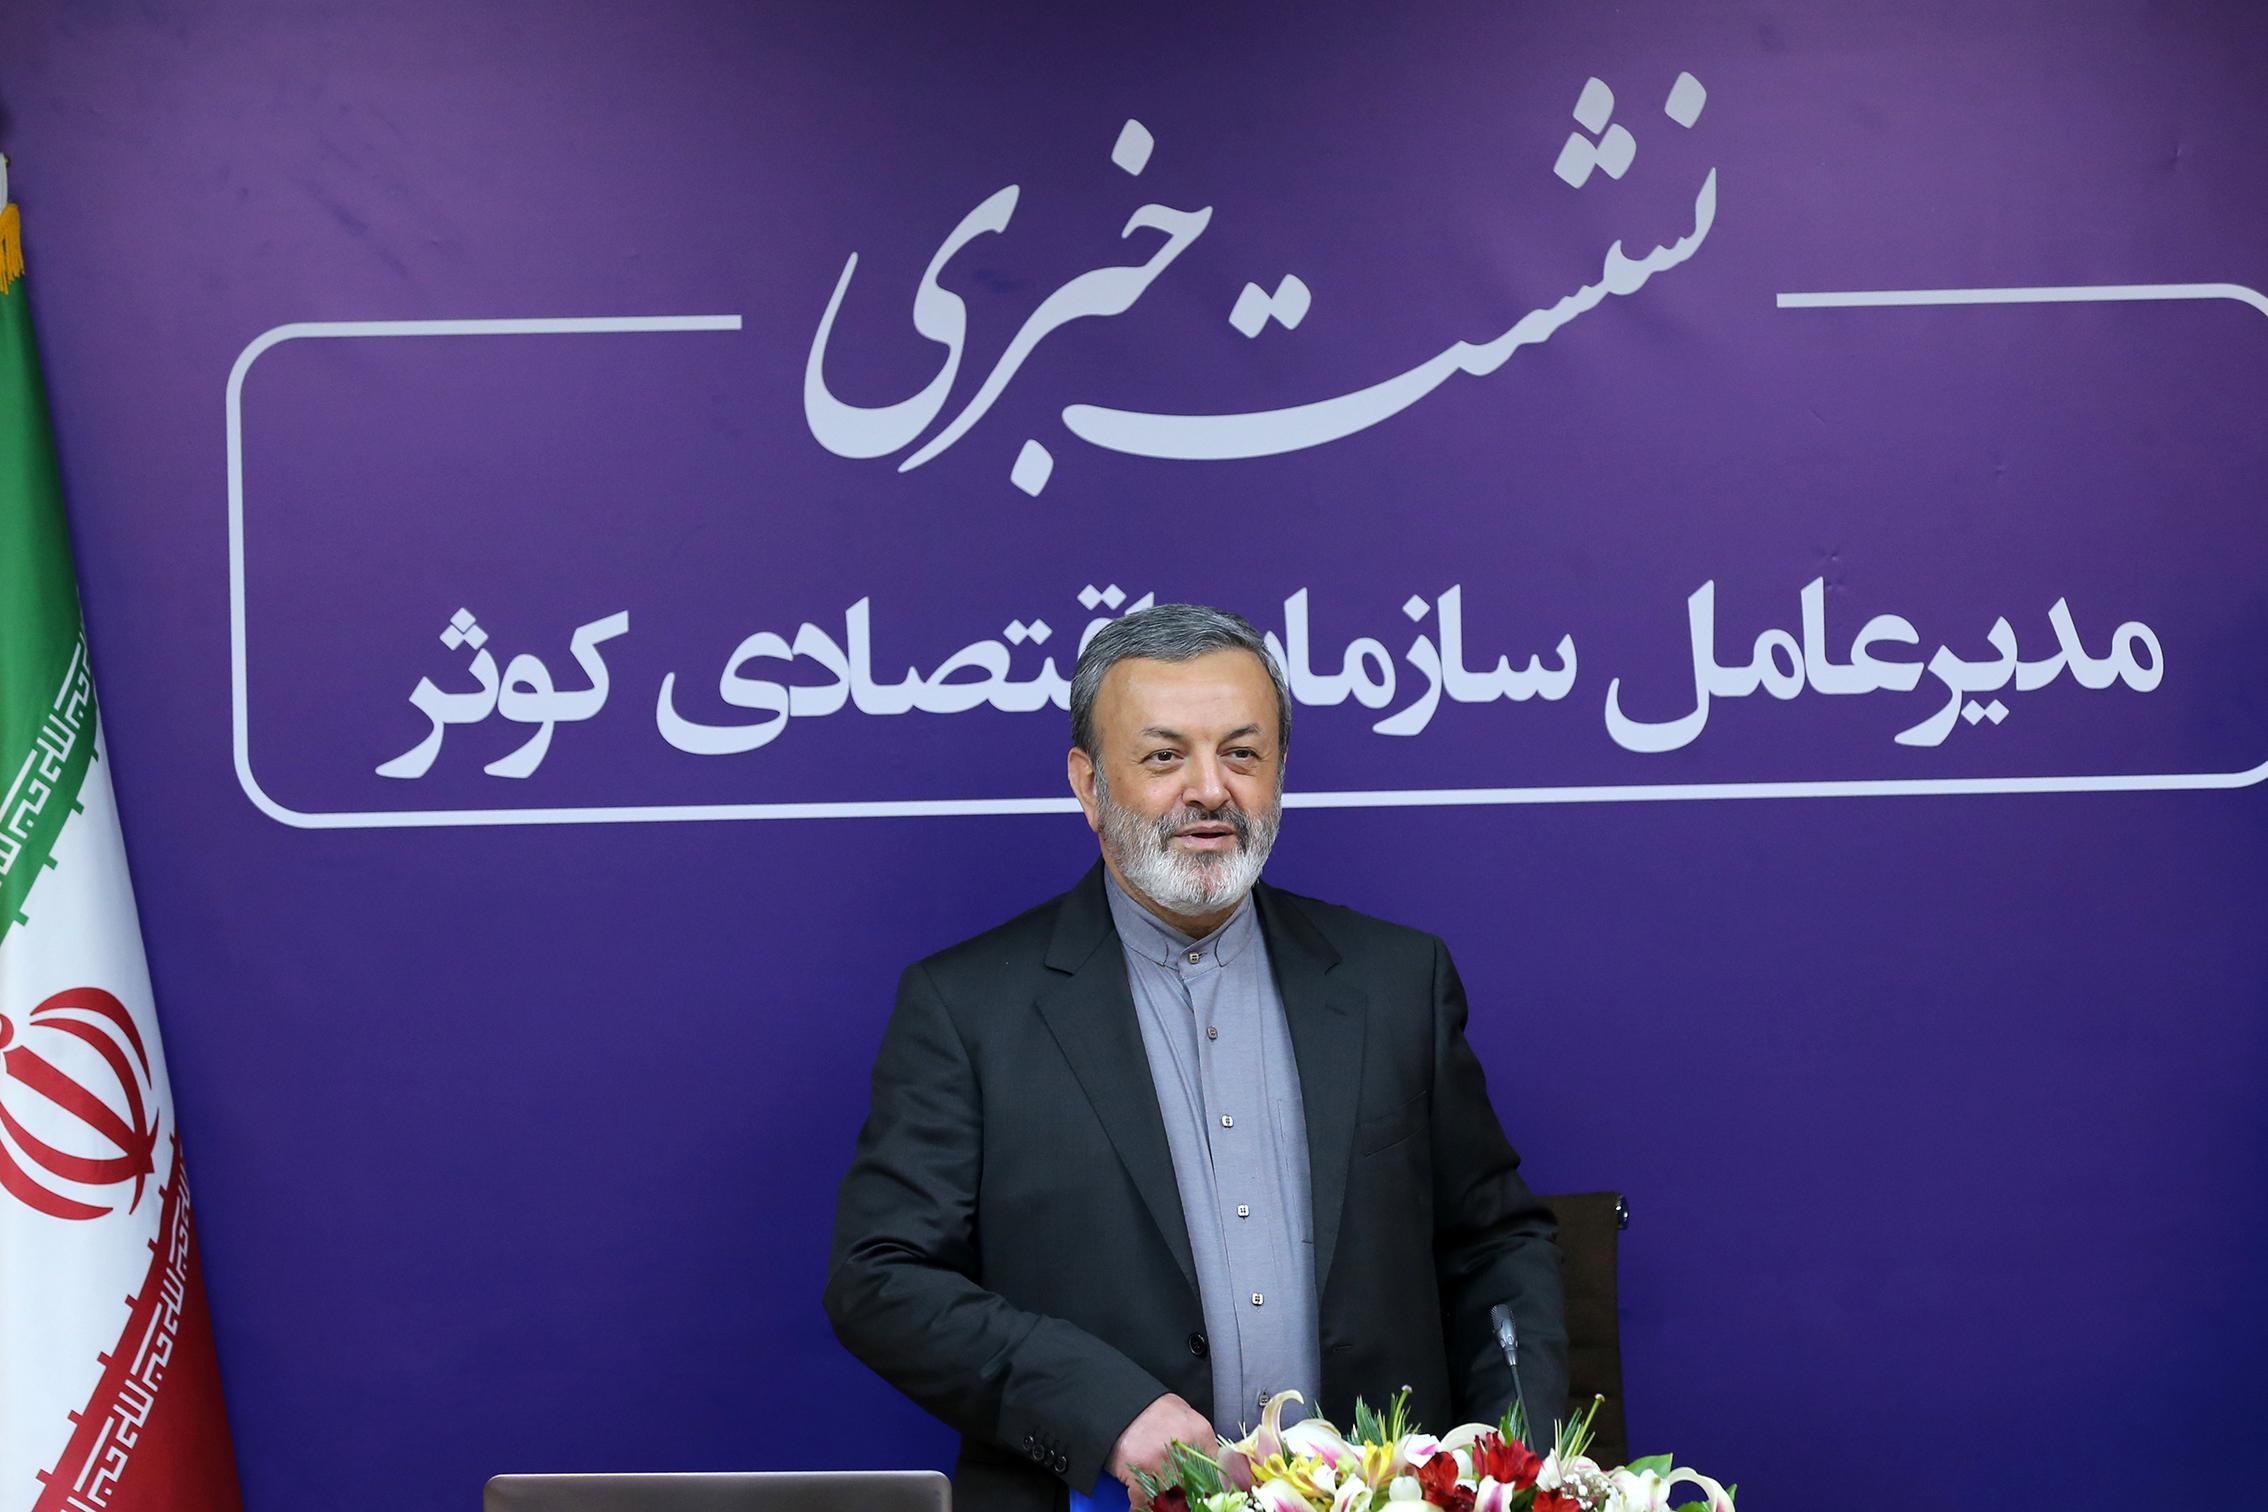 دیدار عیدانه مدیرعامل سازمان اقتصادی کوثر با اصحاب رسانه